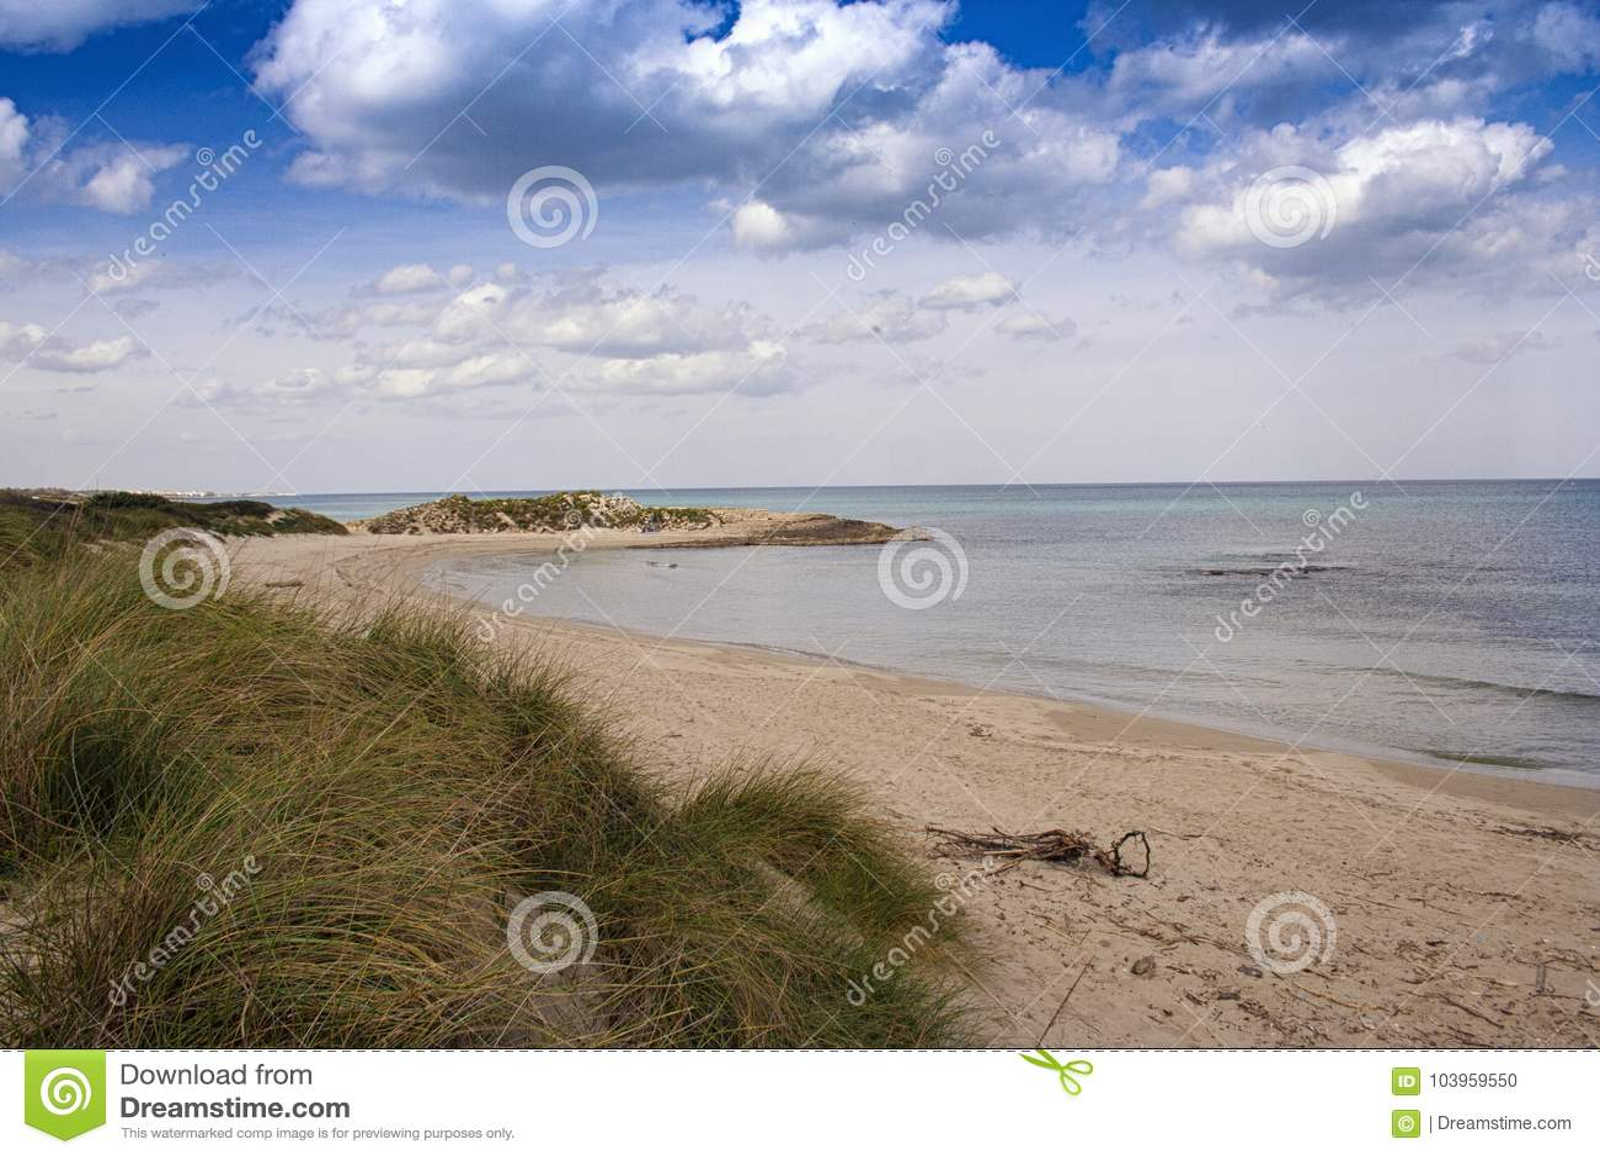 Overzees strand met vegetatie